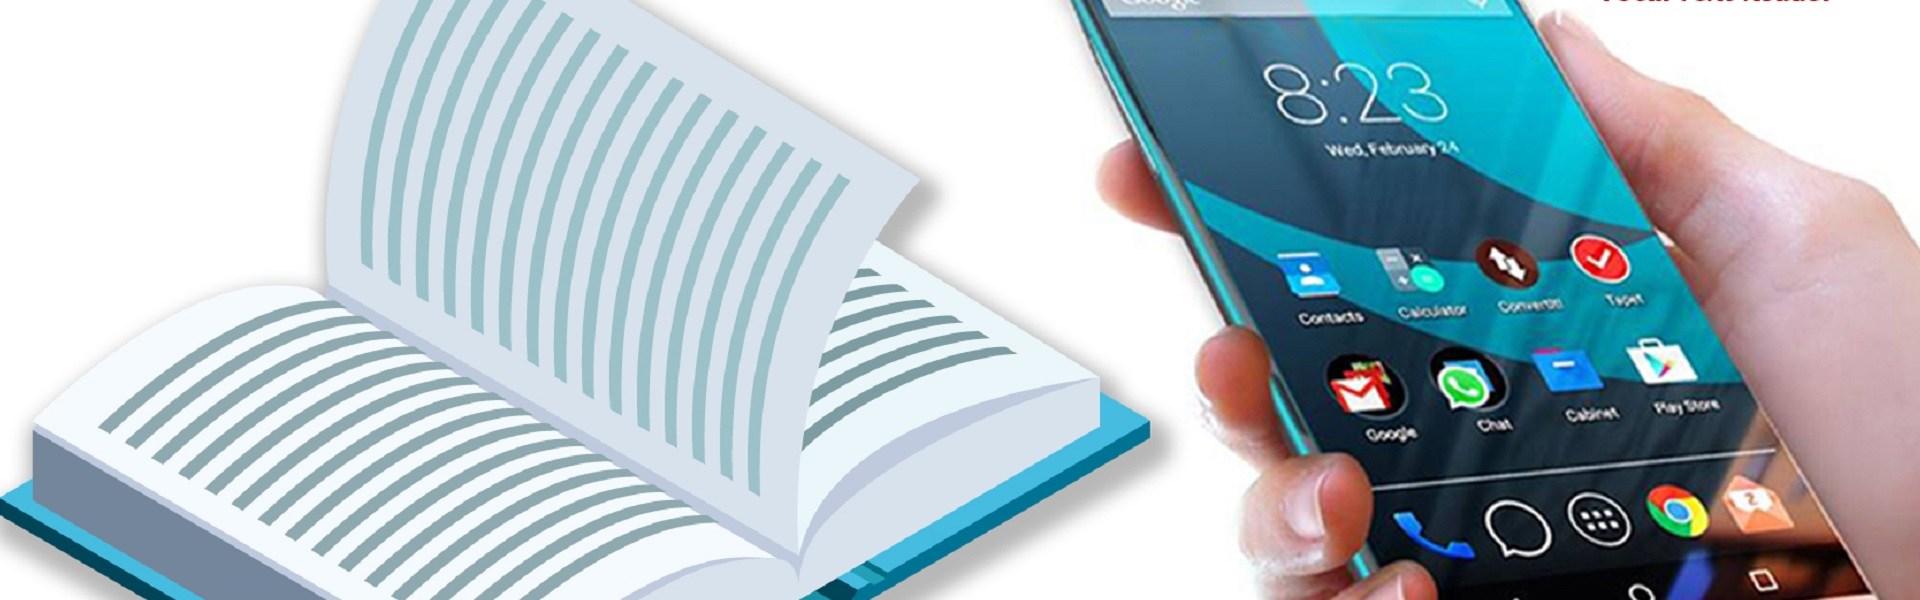 L'immagine mostra un esempio di utilizzo dell'app vEyes Vocal Text Reader